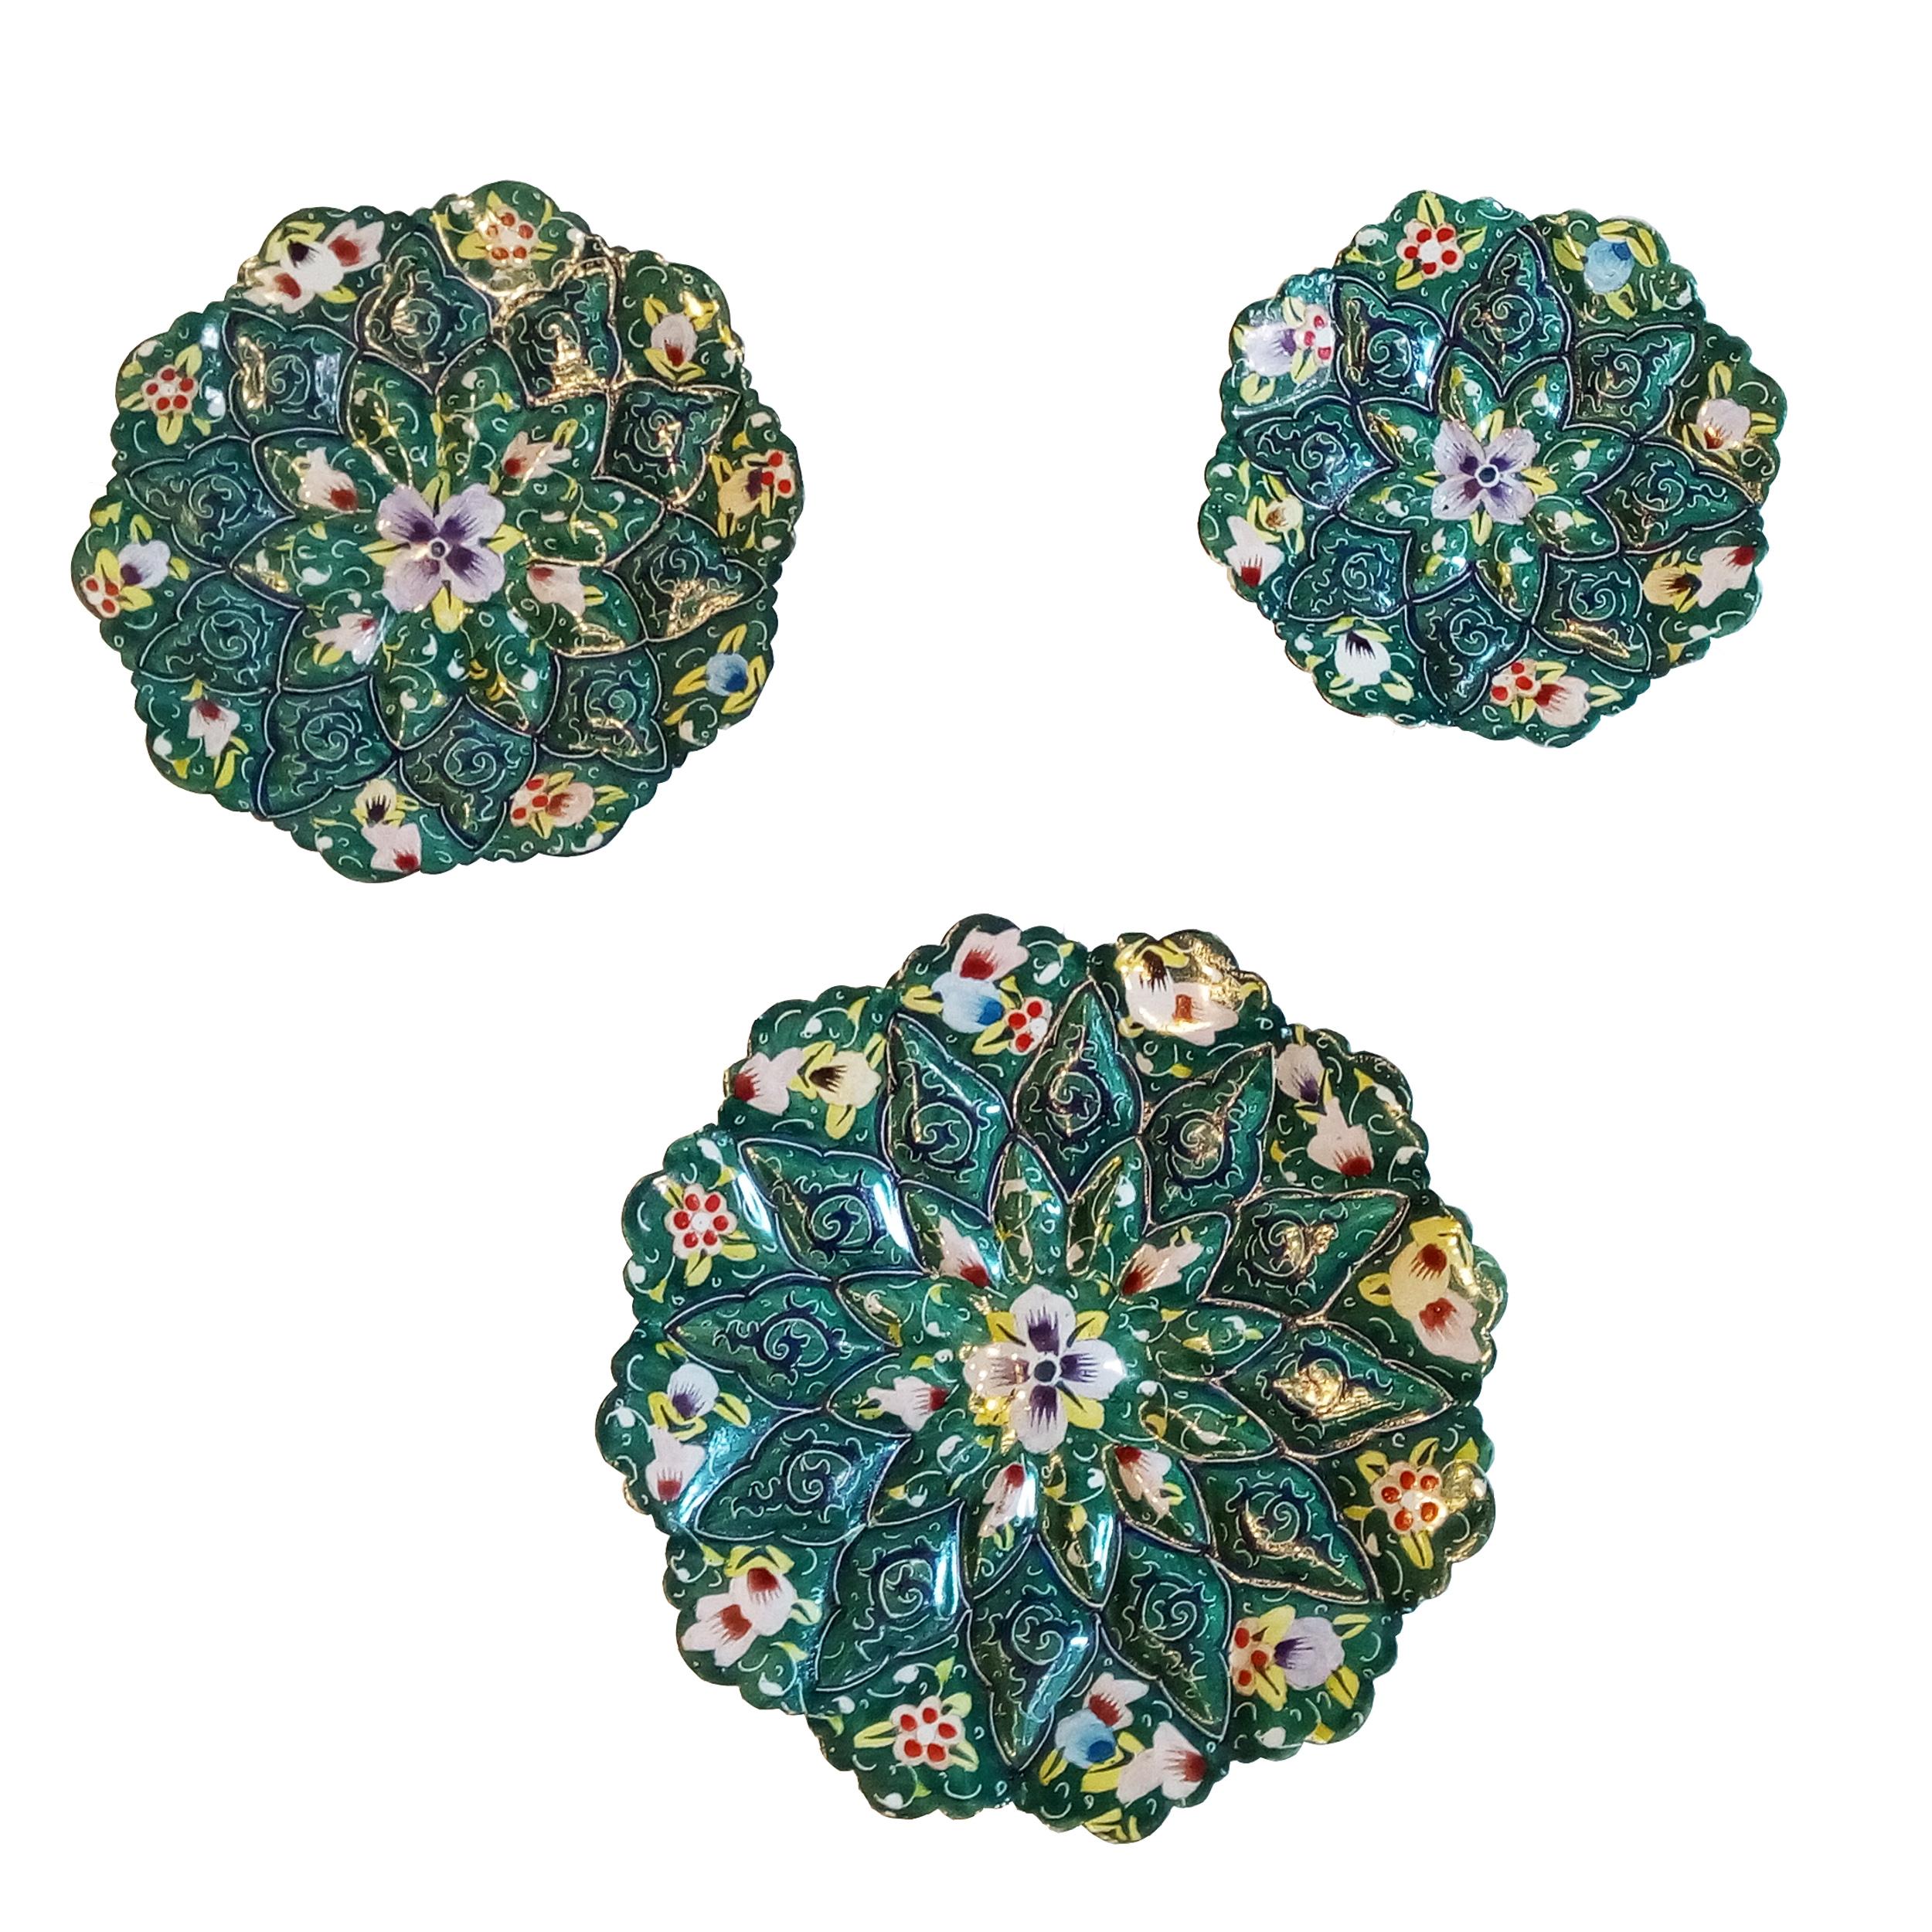 عکس بشقاب میناکاری طرح نقاشی پرداز مدل گل بهاری مجموعه سه عددی